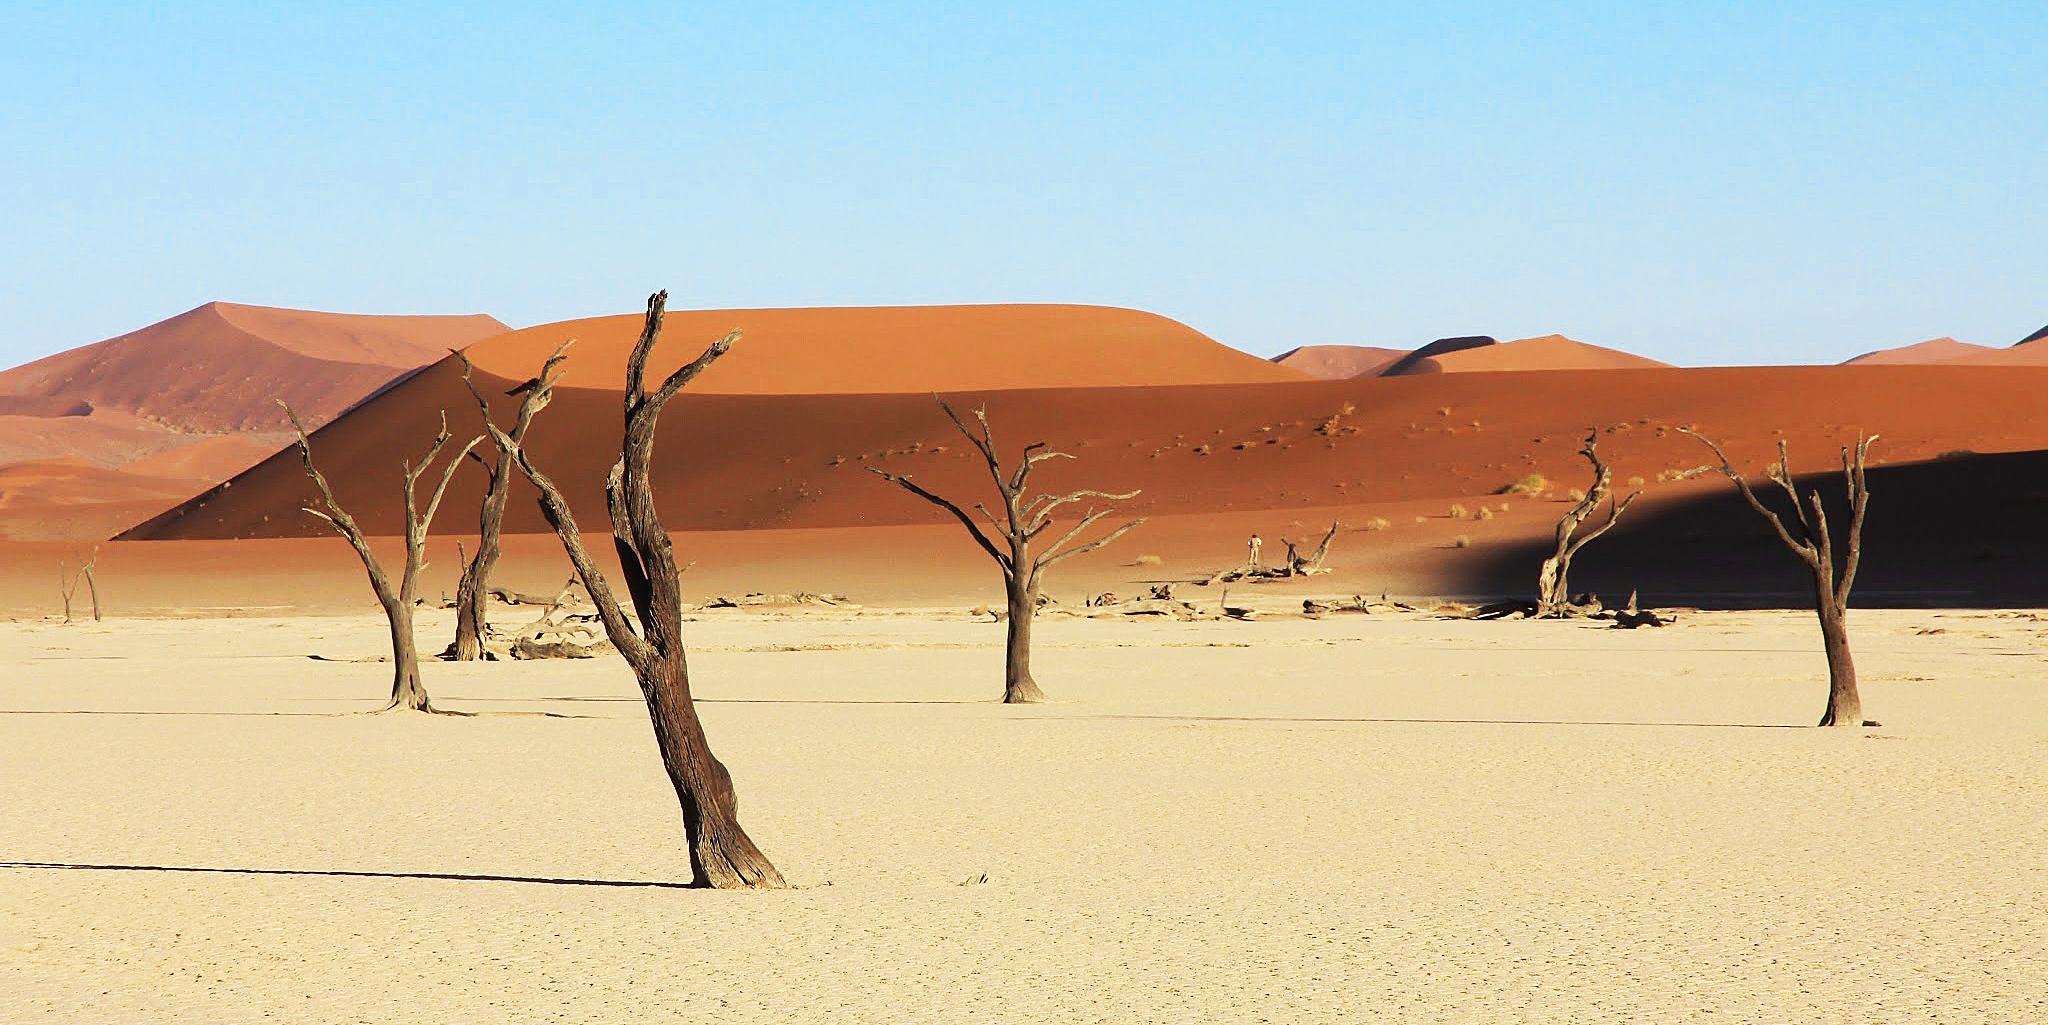 Namibia 4x4